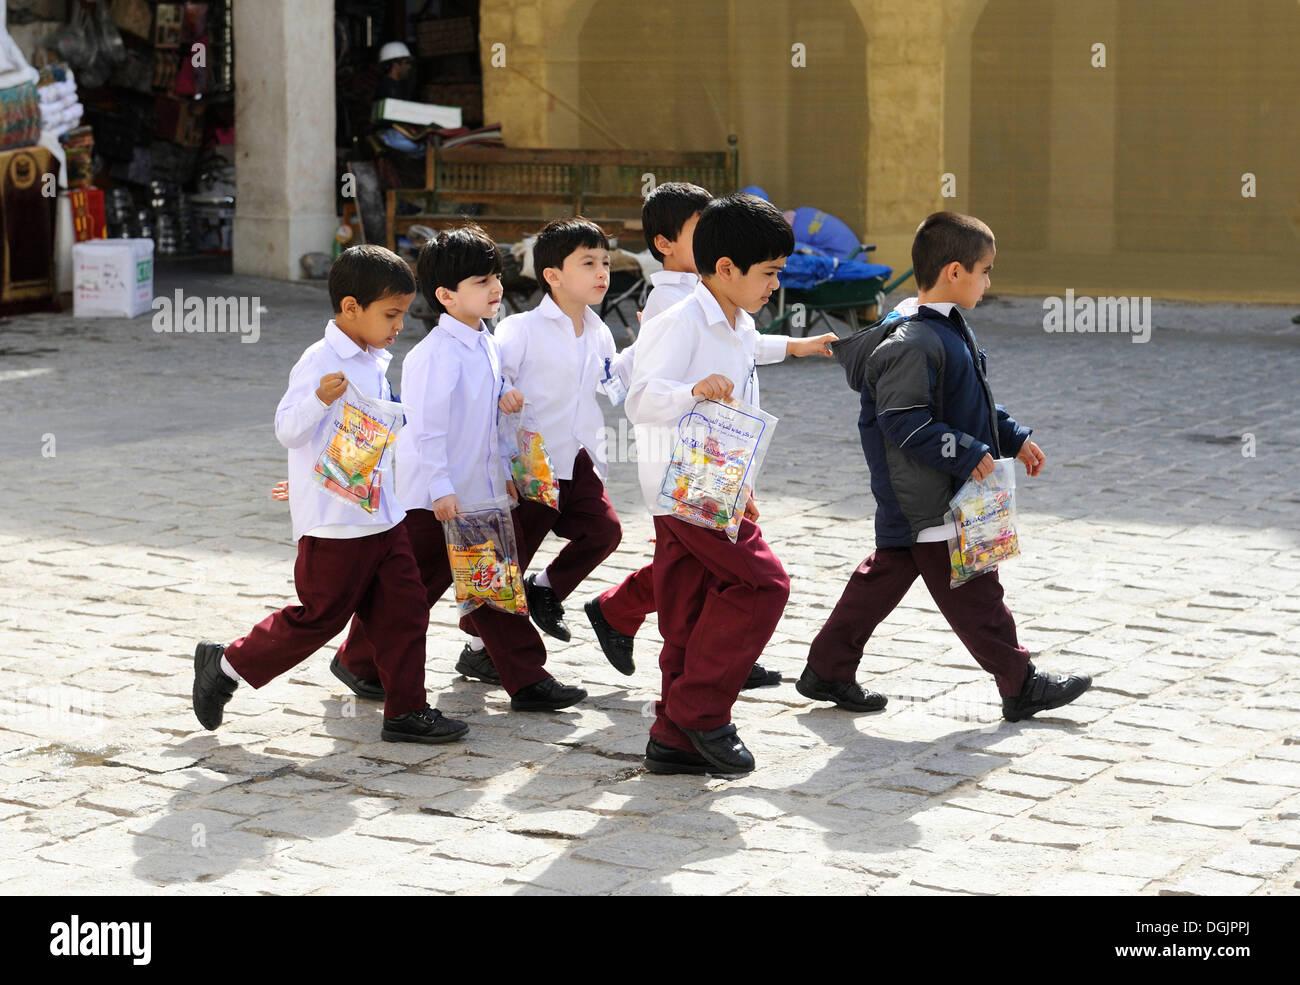 Les enfants de l'école portant des uniformes scolaires, Doha, Qatar, Péninsule Arabique, du golfe Photo Stock